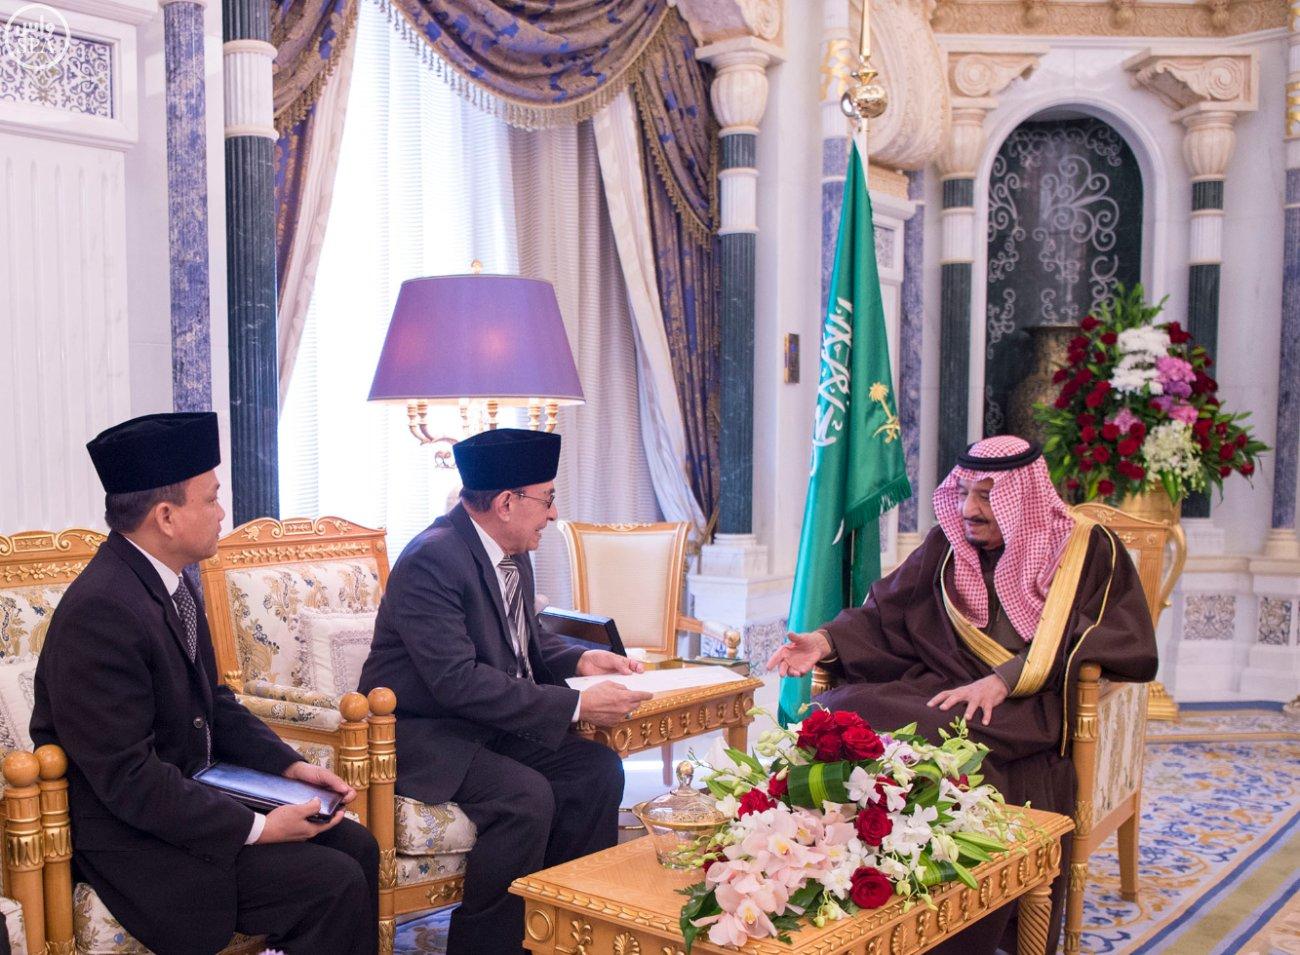 الملك سلمان يستلم رسالة من رئيس اندنوسيا (2)